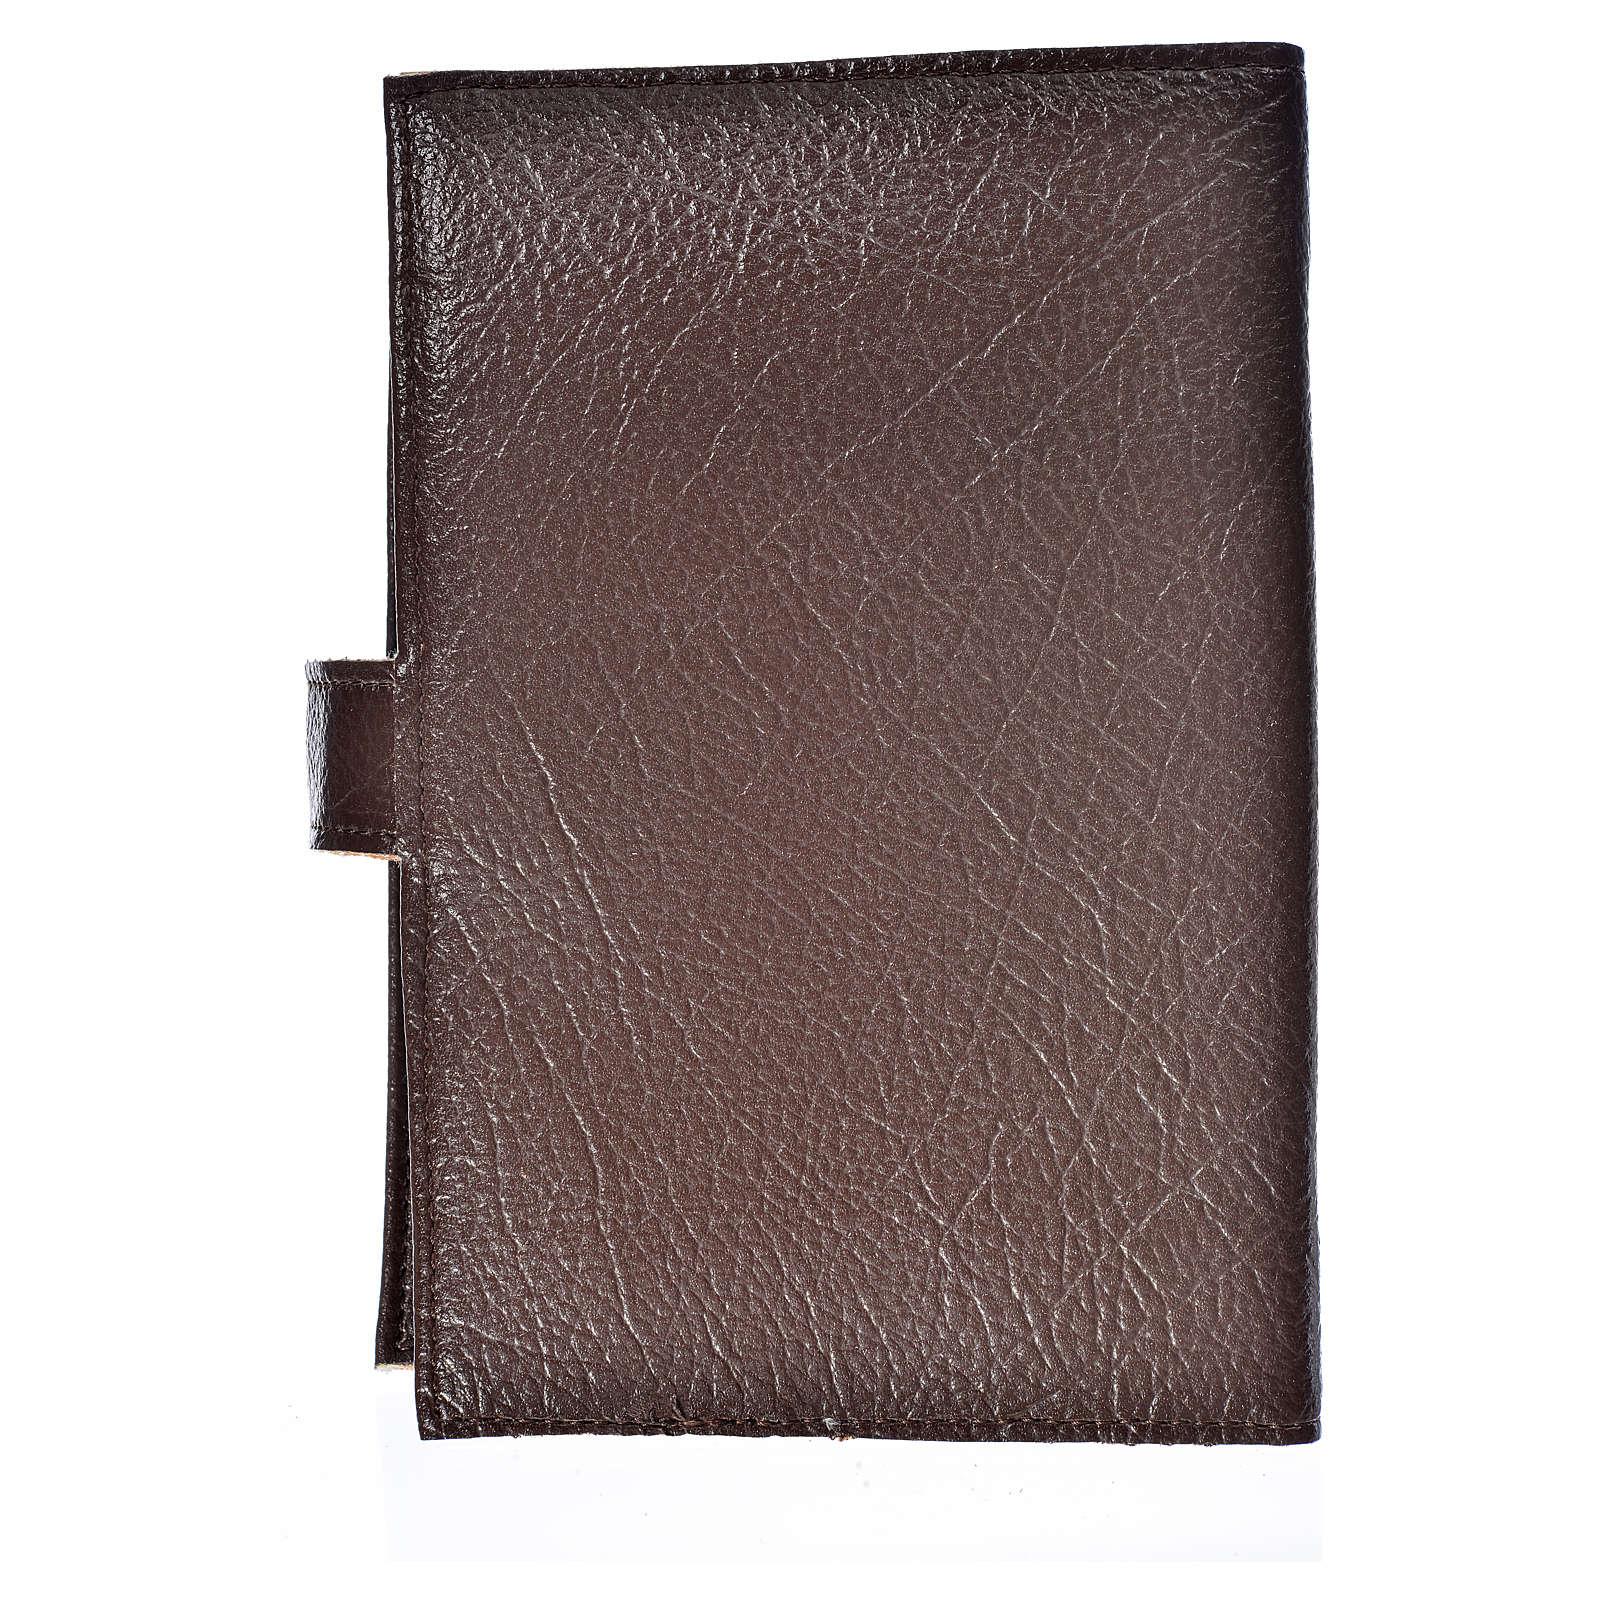 Funda Biblia Jerusalén Nueva Ed. Cristo s. cuero marrón oscuro 4